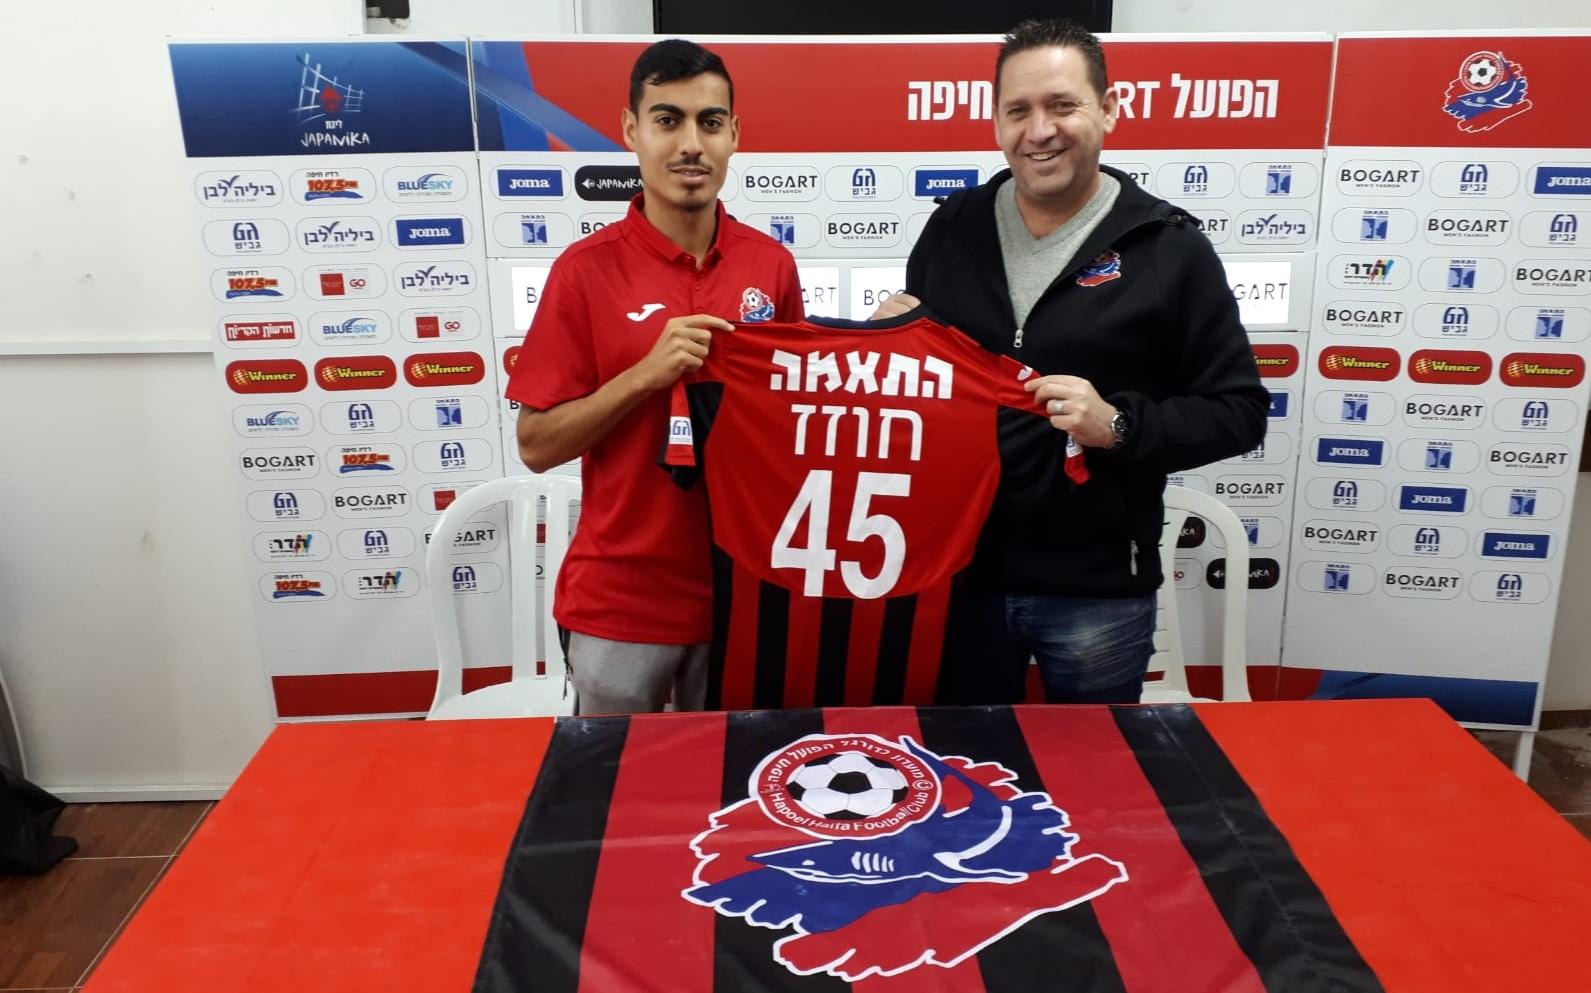 מתן חוזז הצטרף למועדון והוצג רשמית עם חולצה מספר 45